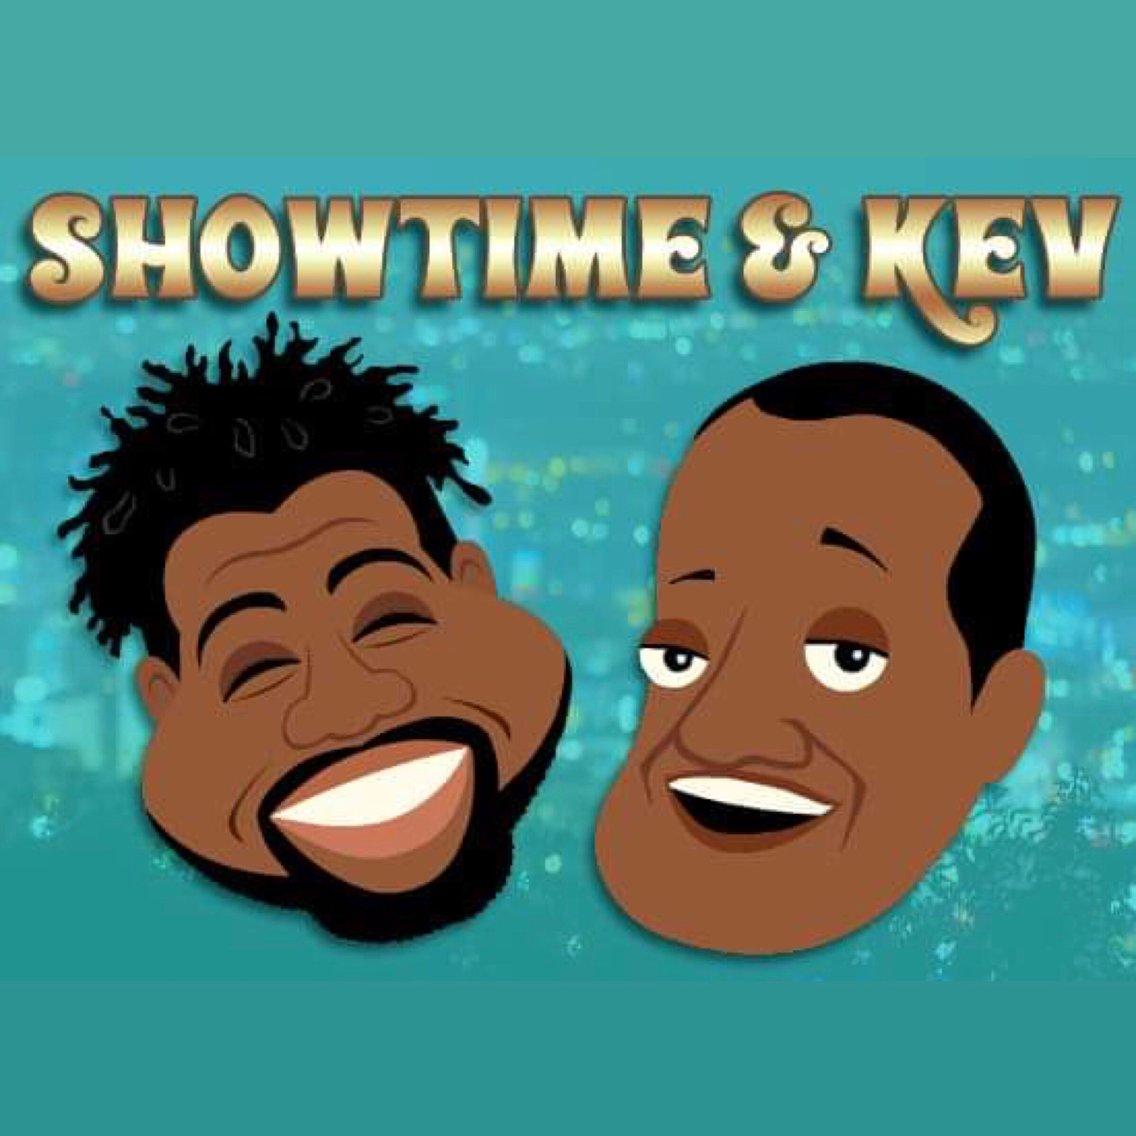 Showtime & Kev - immagine di copertina